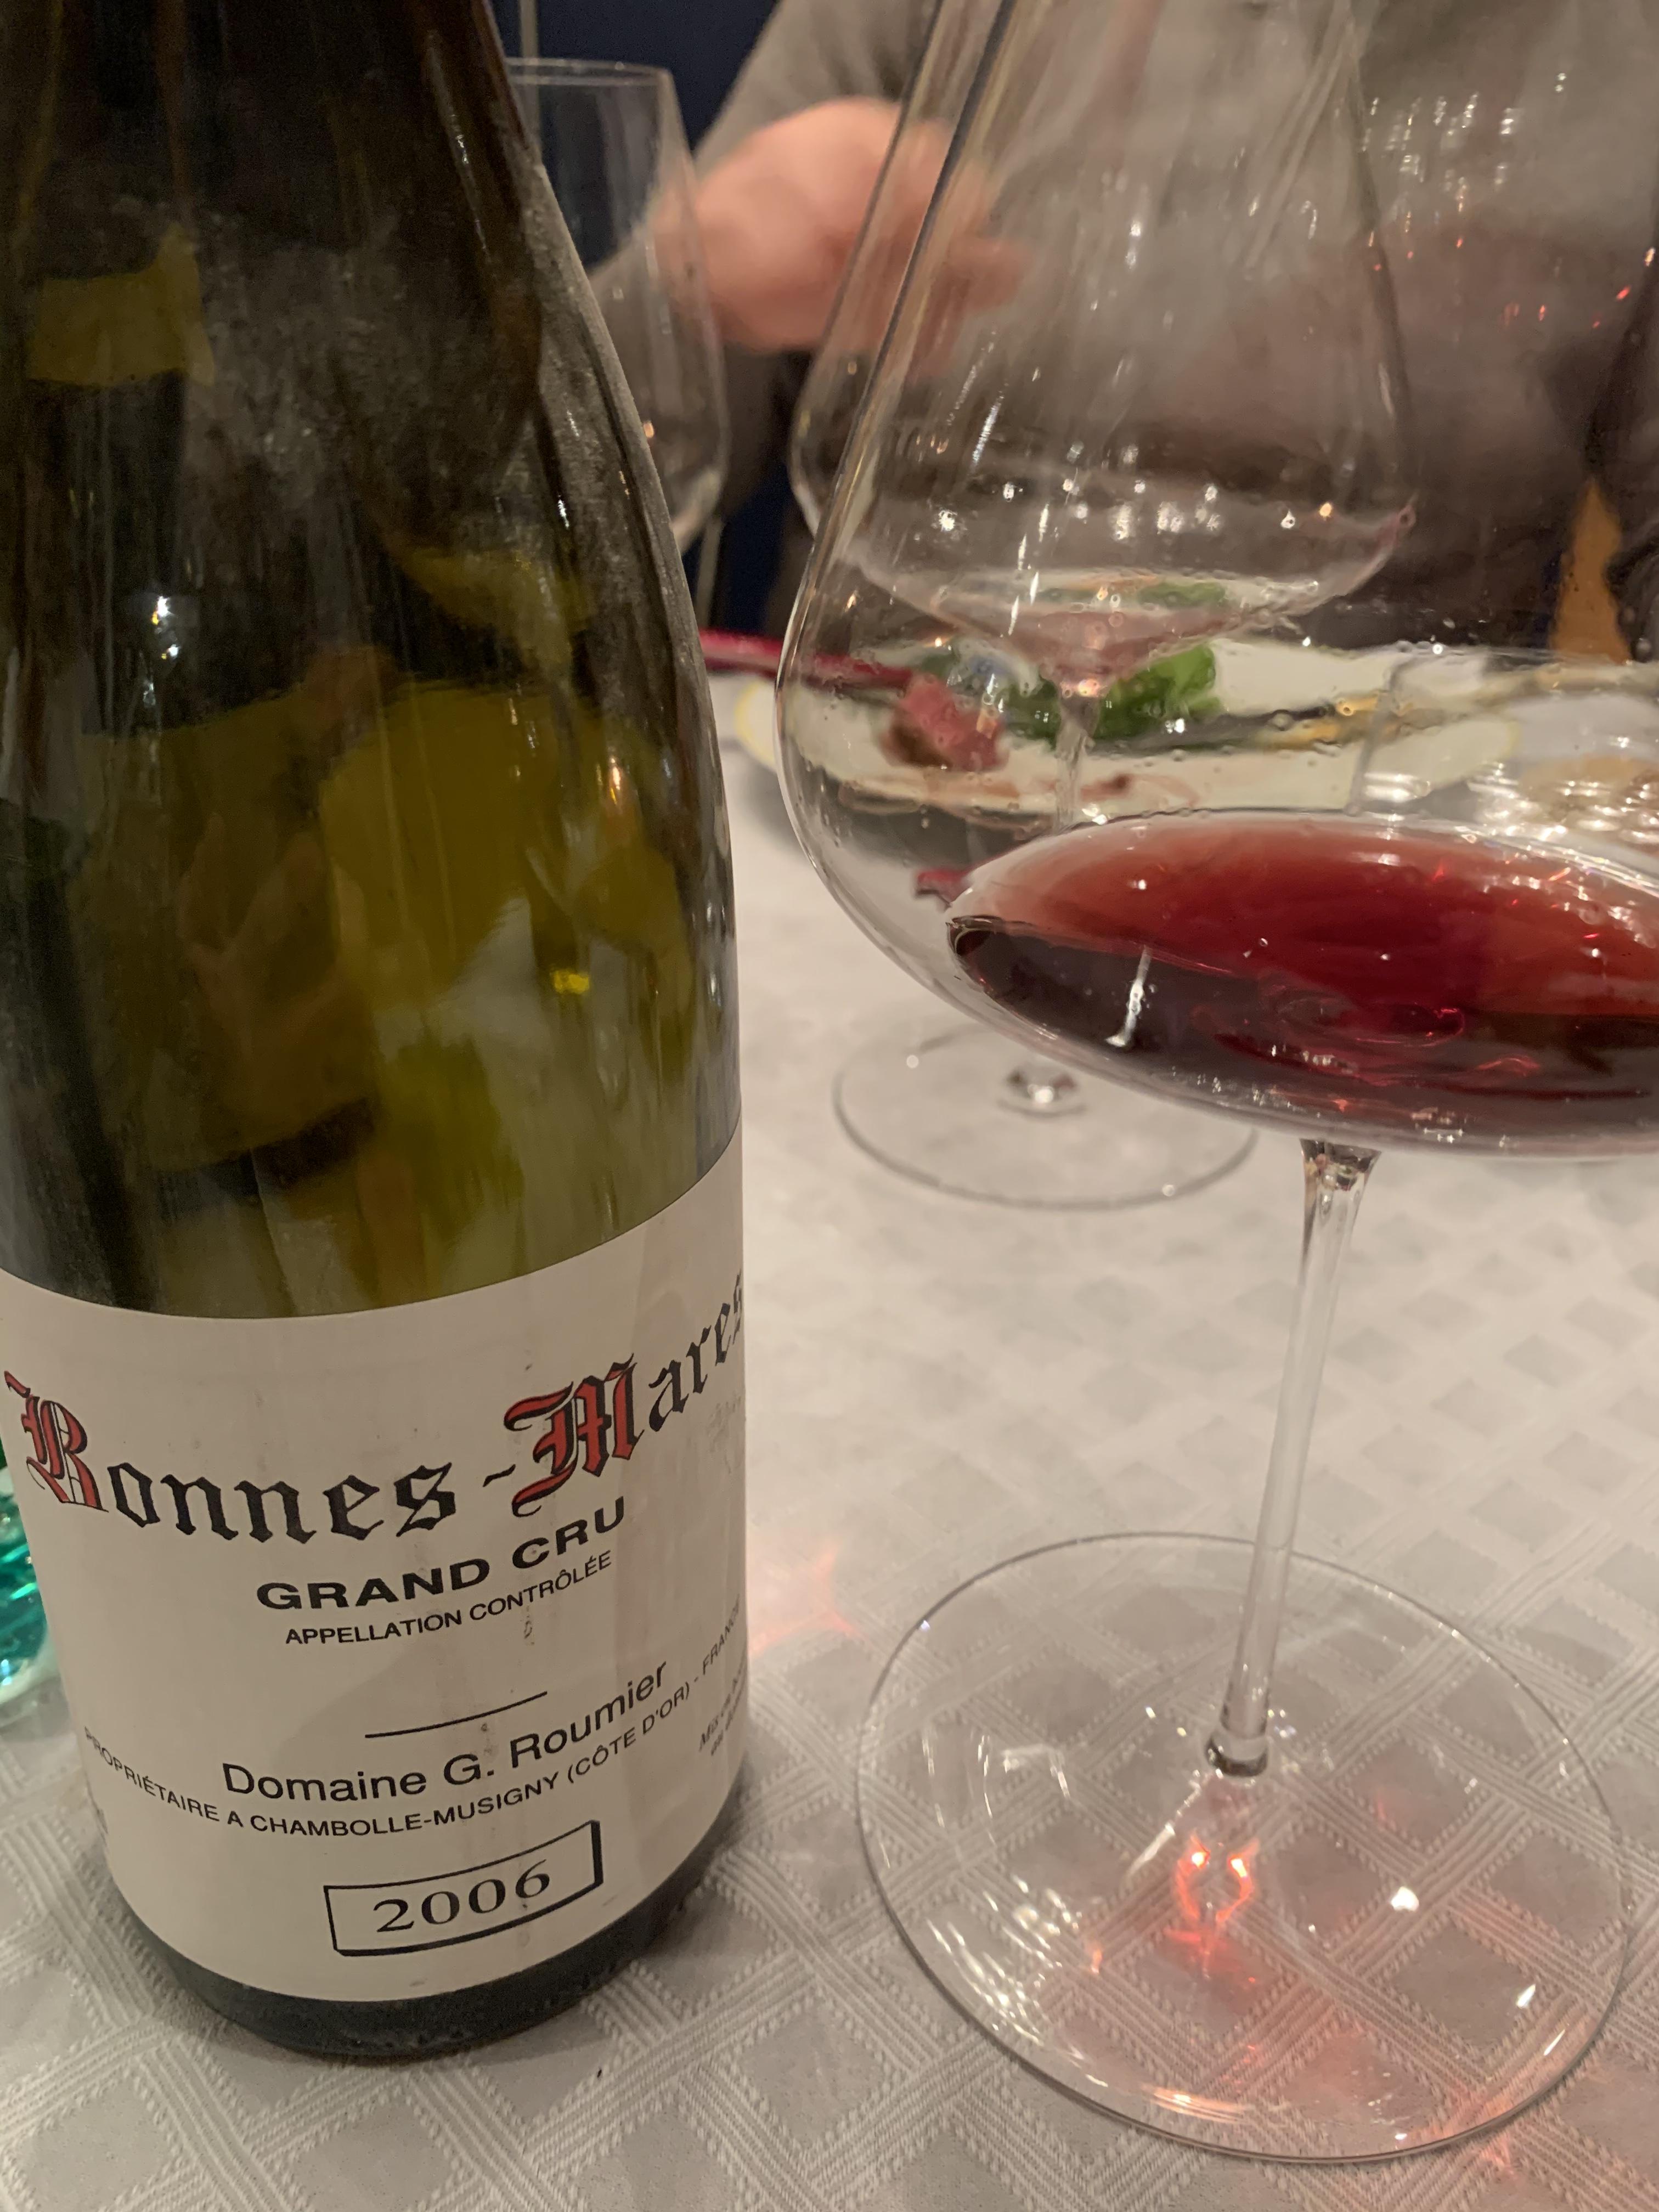 Bonnes-Mares Grand Cru 2006 Roumier